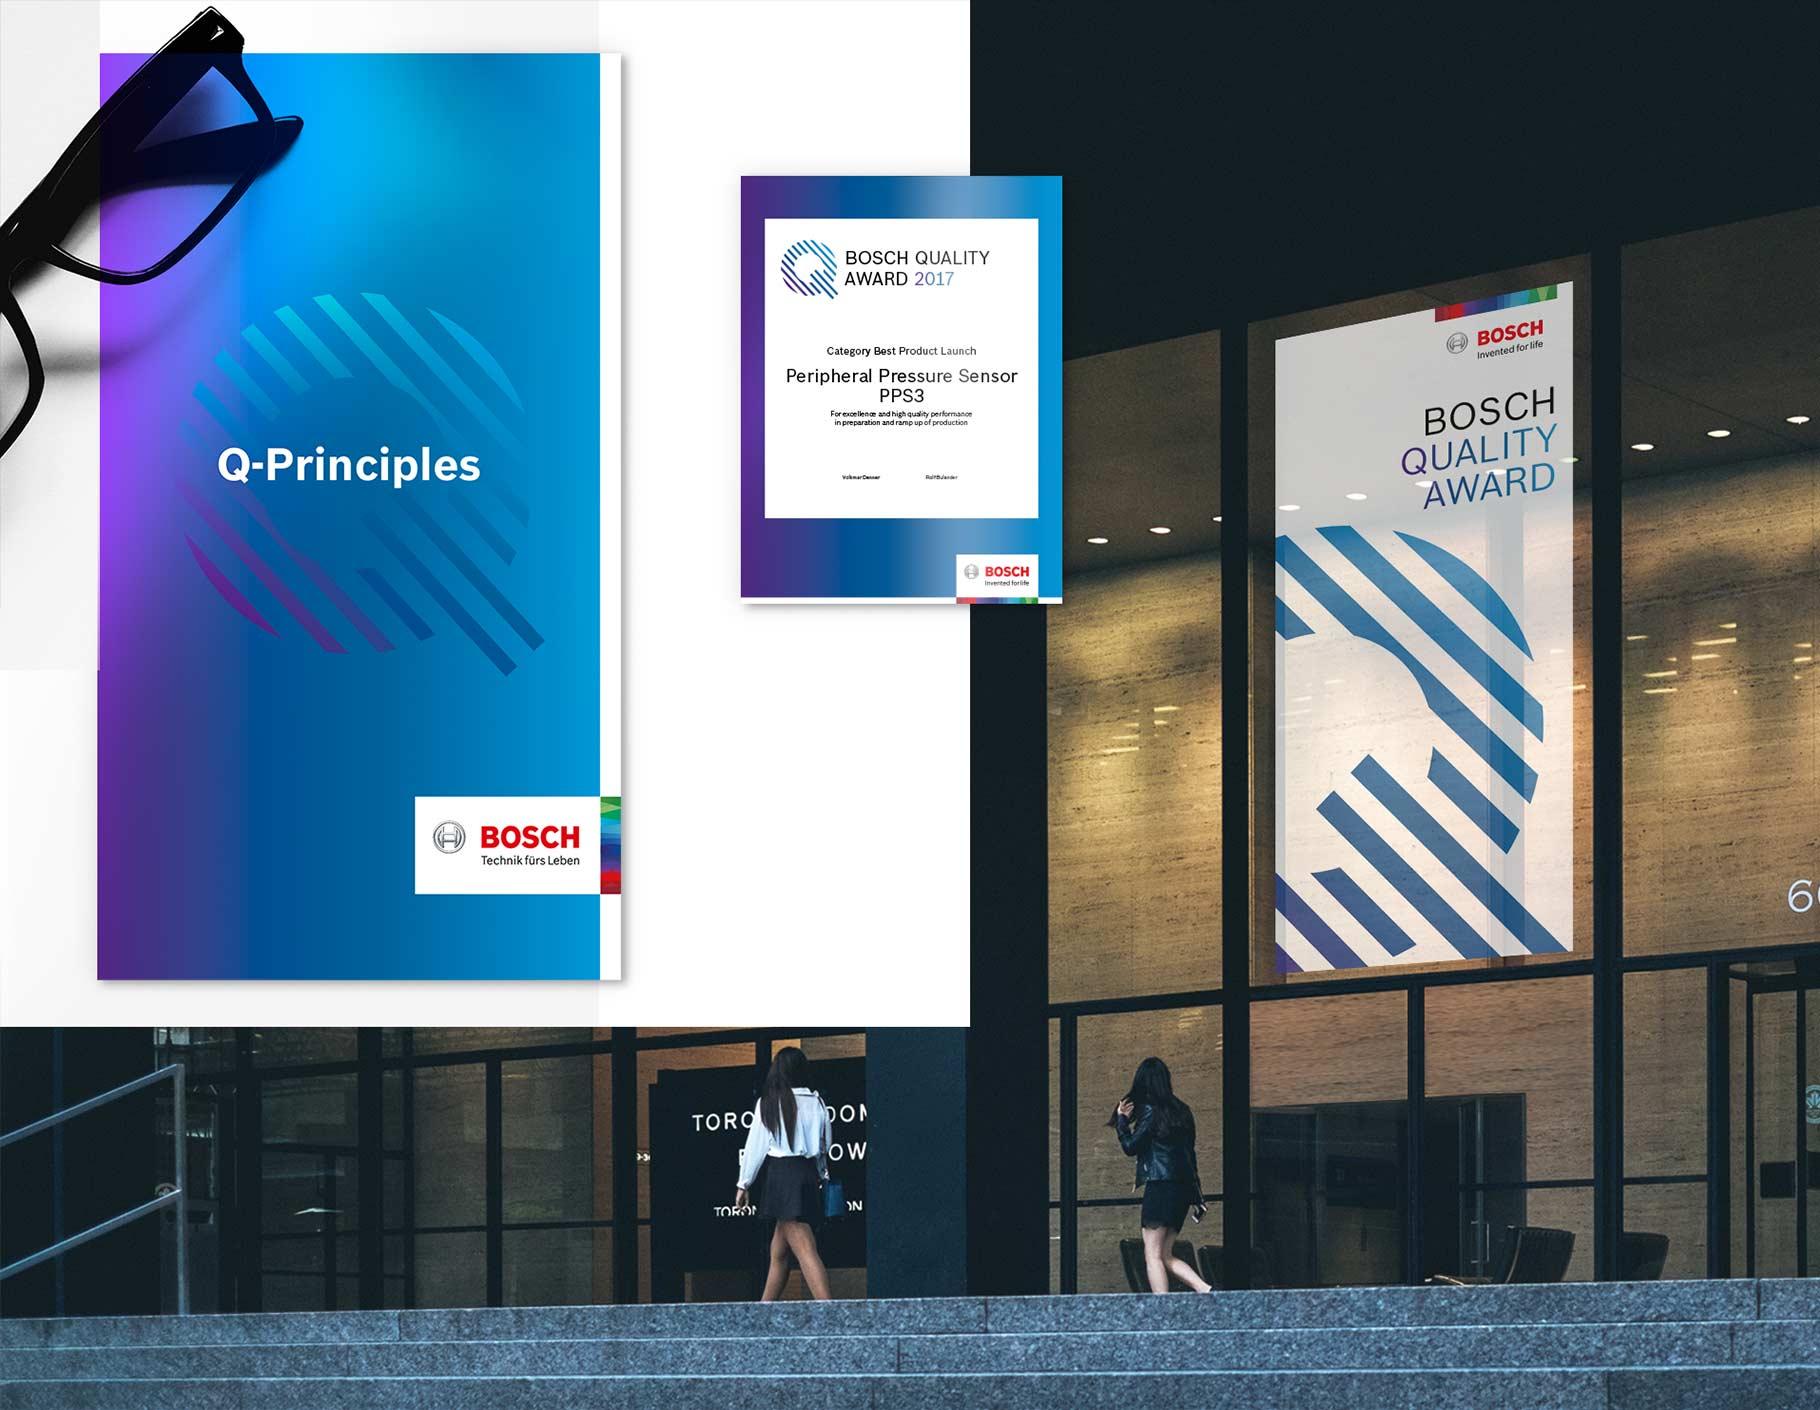 Collage aus Bosch Quality Principles Broschüre, Bosch Quality Award Urkunde und Bild zweier Frauen, die vor einem Bosch Quality Award Banner laufen.